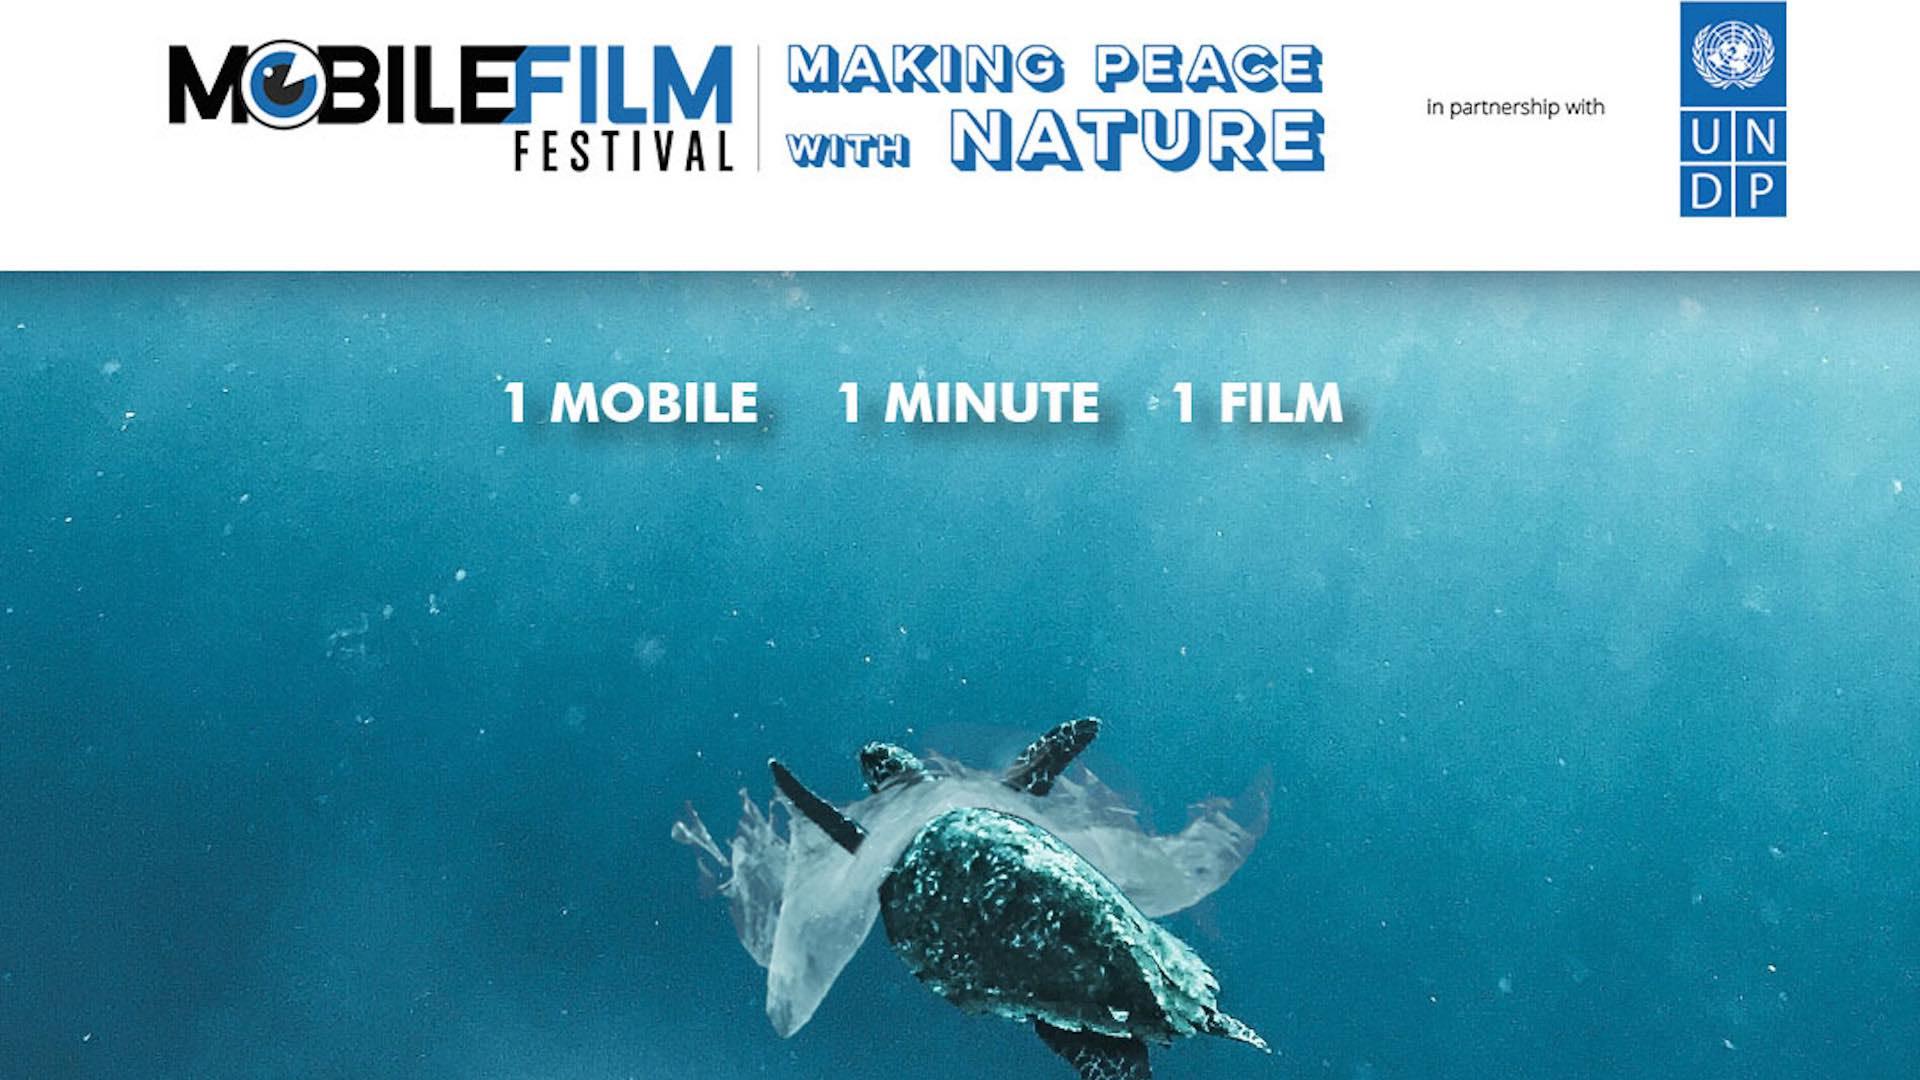 Mobile Film Festival - Copyright Mobile Film Festival